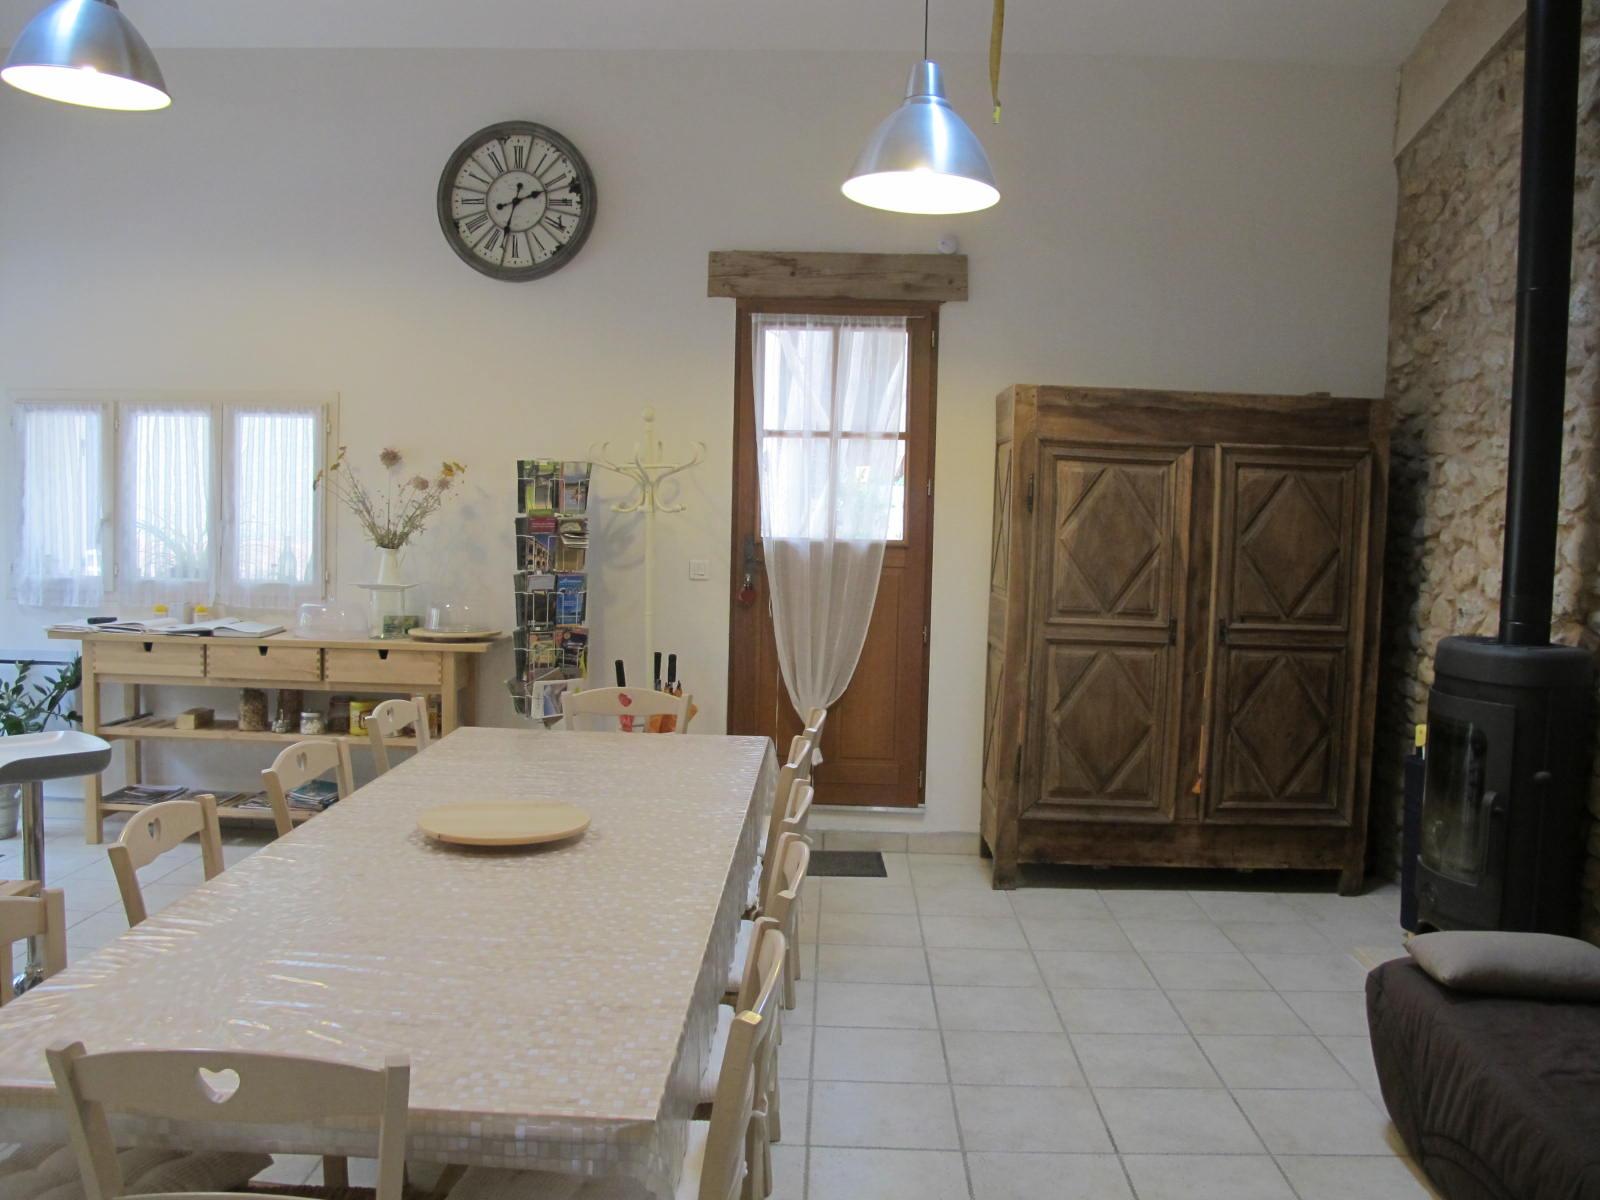 loucardaline-bedoin-ventoux-chambre d hotes-vaucluse-hébergement-gites